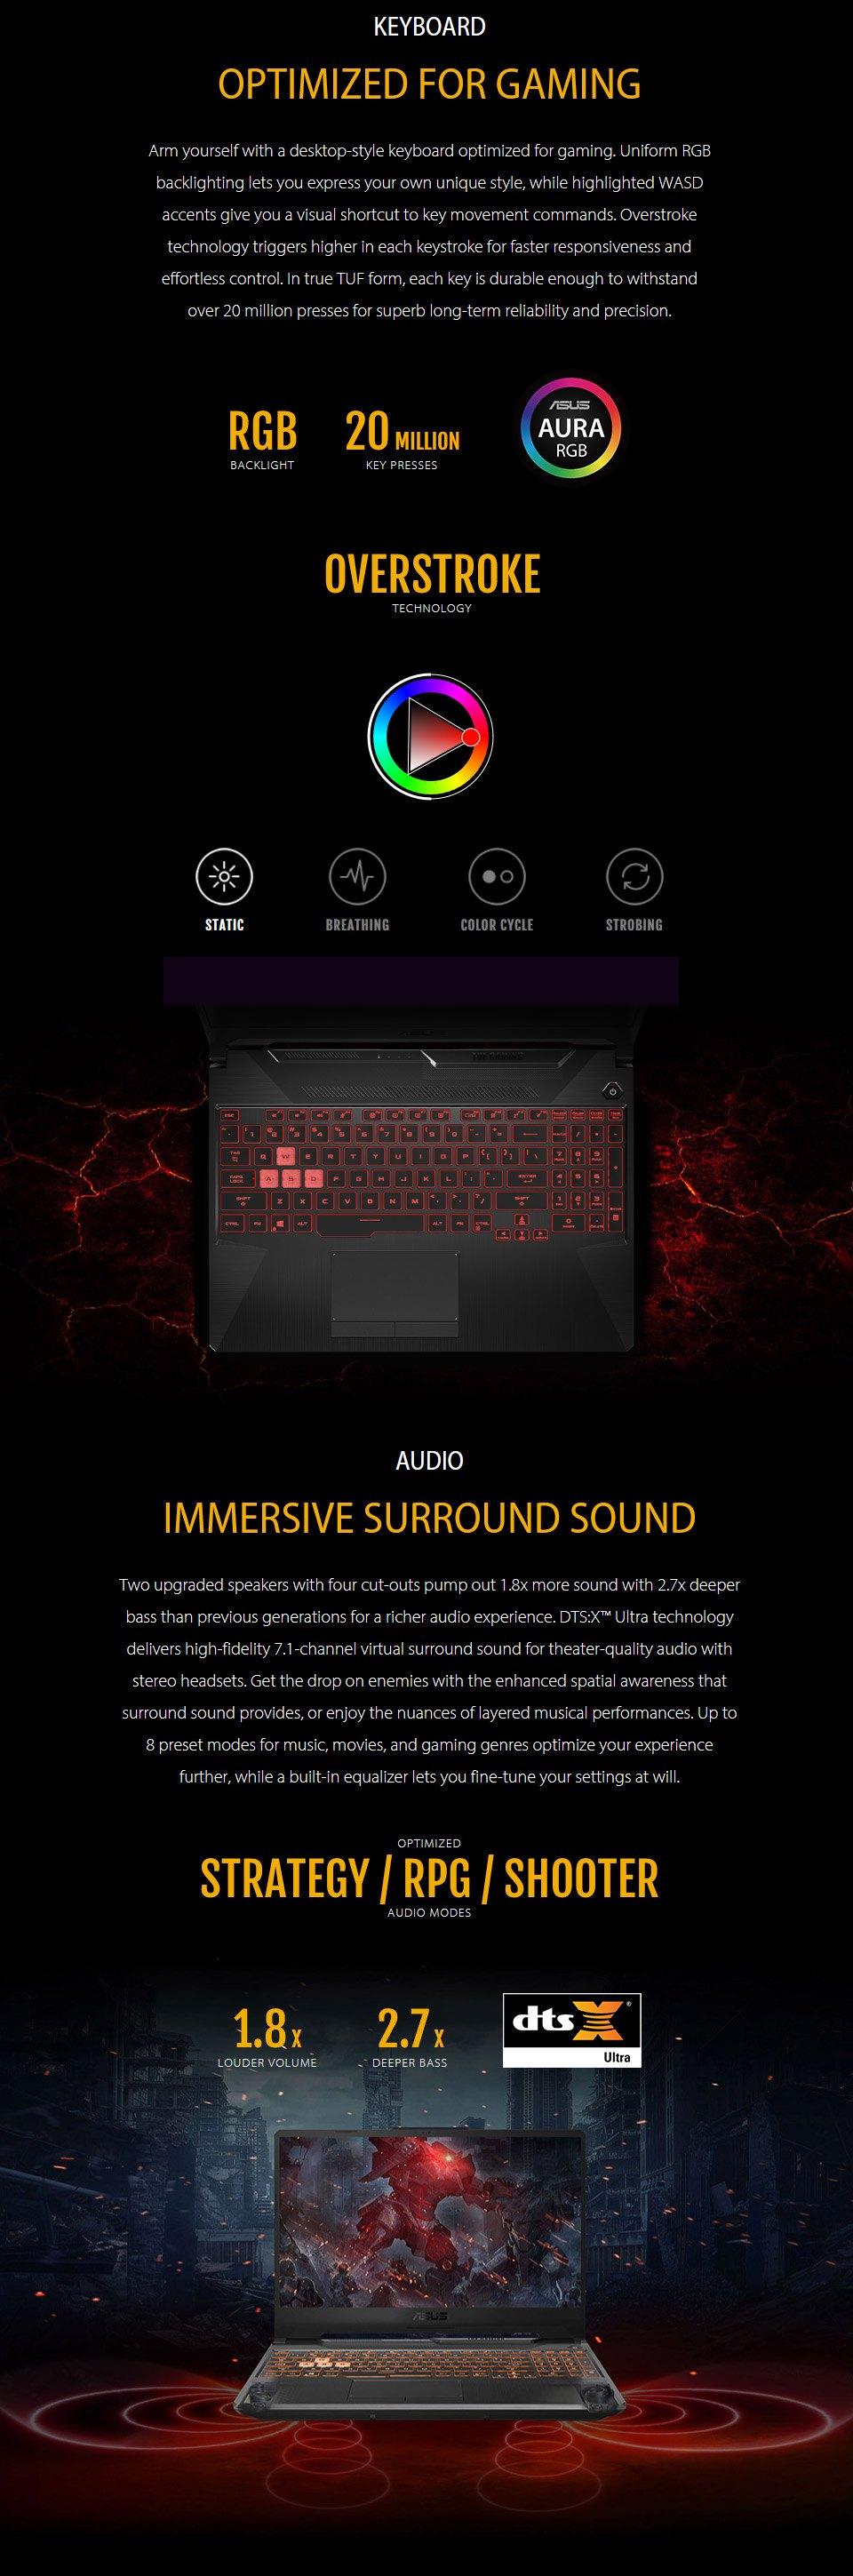 ASUS TUF AMD Ryzen 5 GeForce GTX 1650 Ti 15.6in 144Hz Notebook features 4